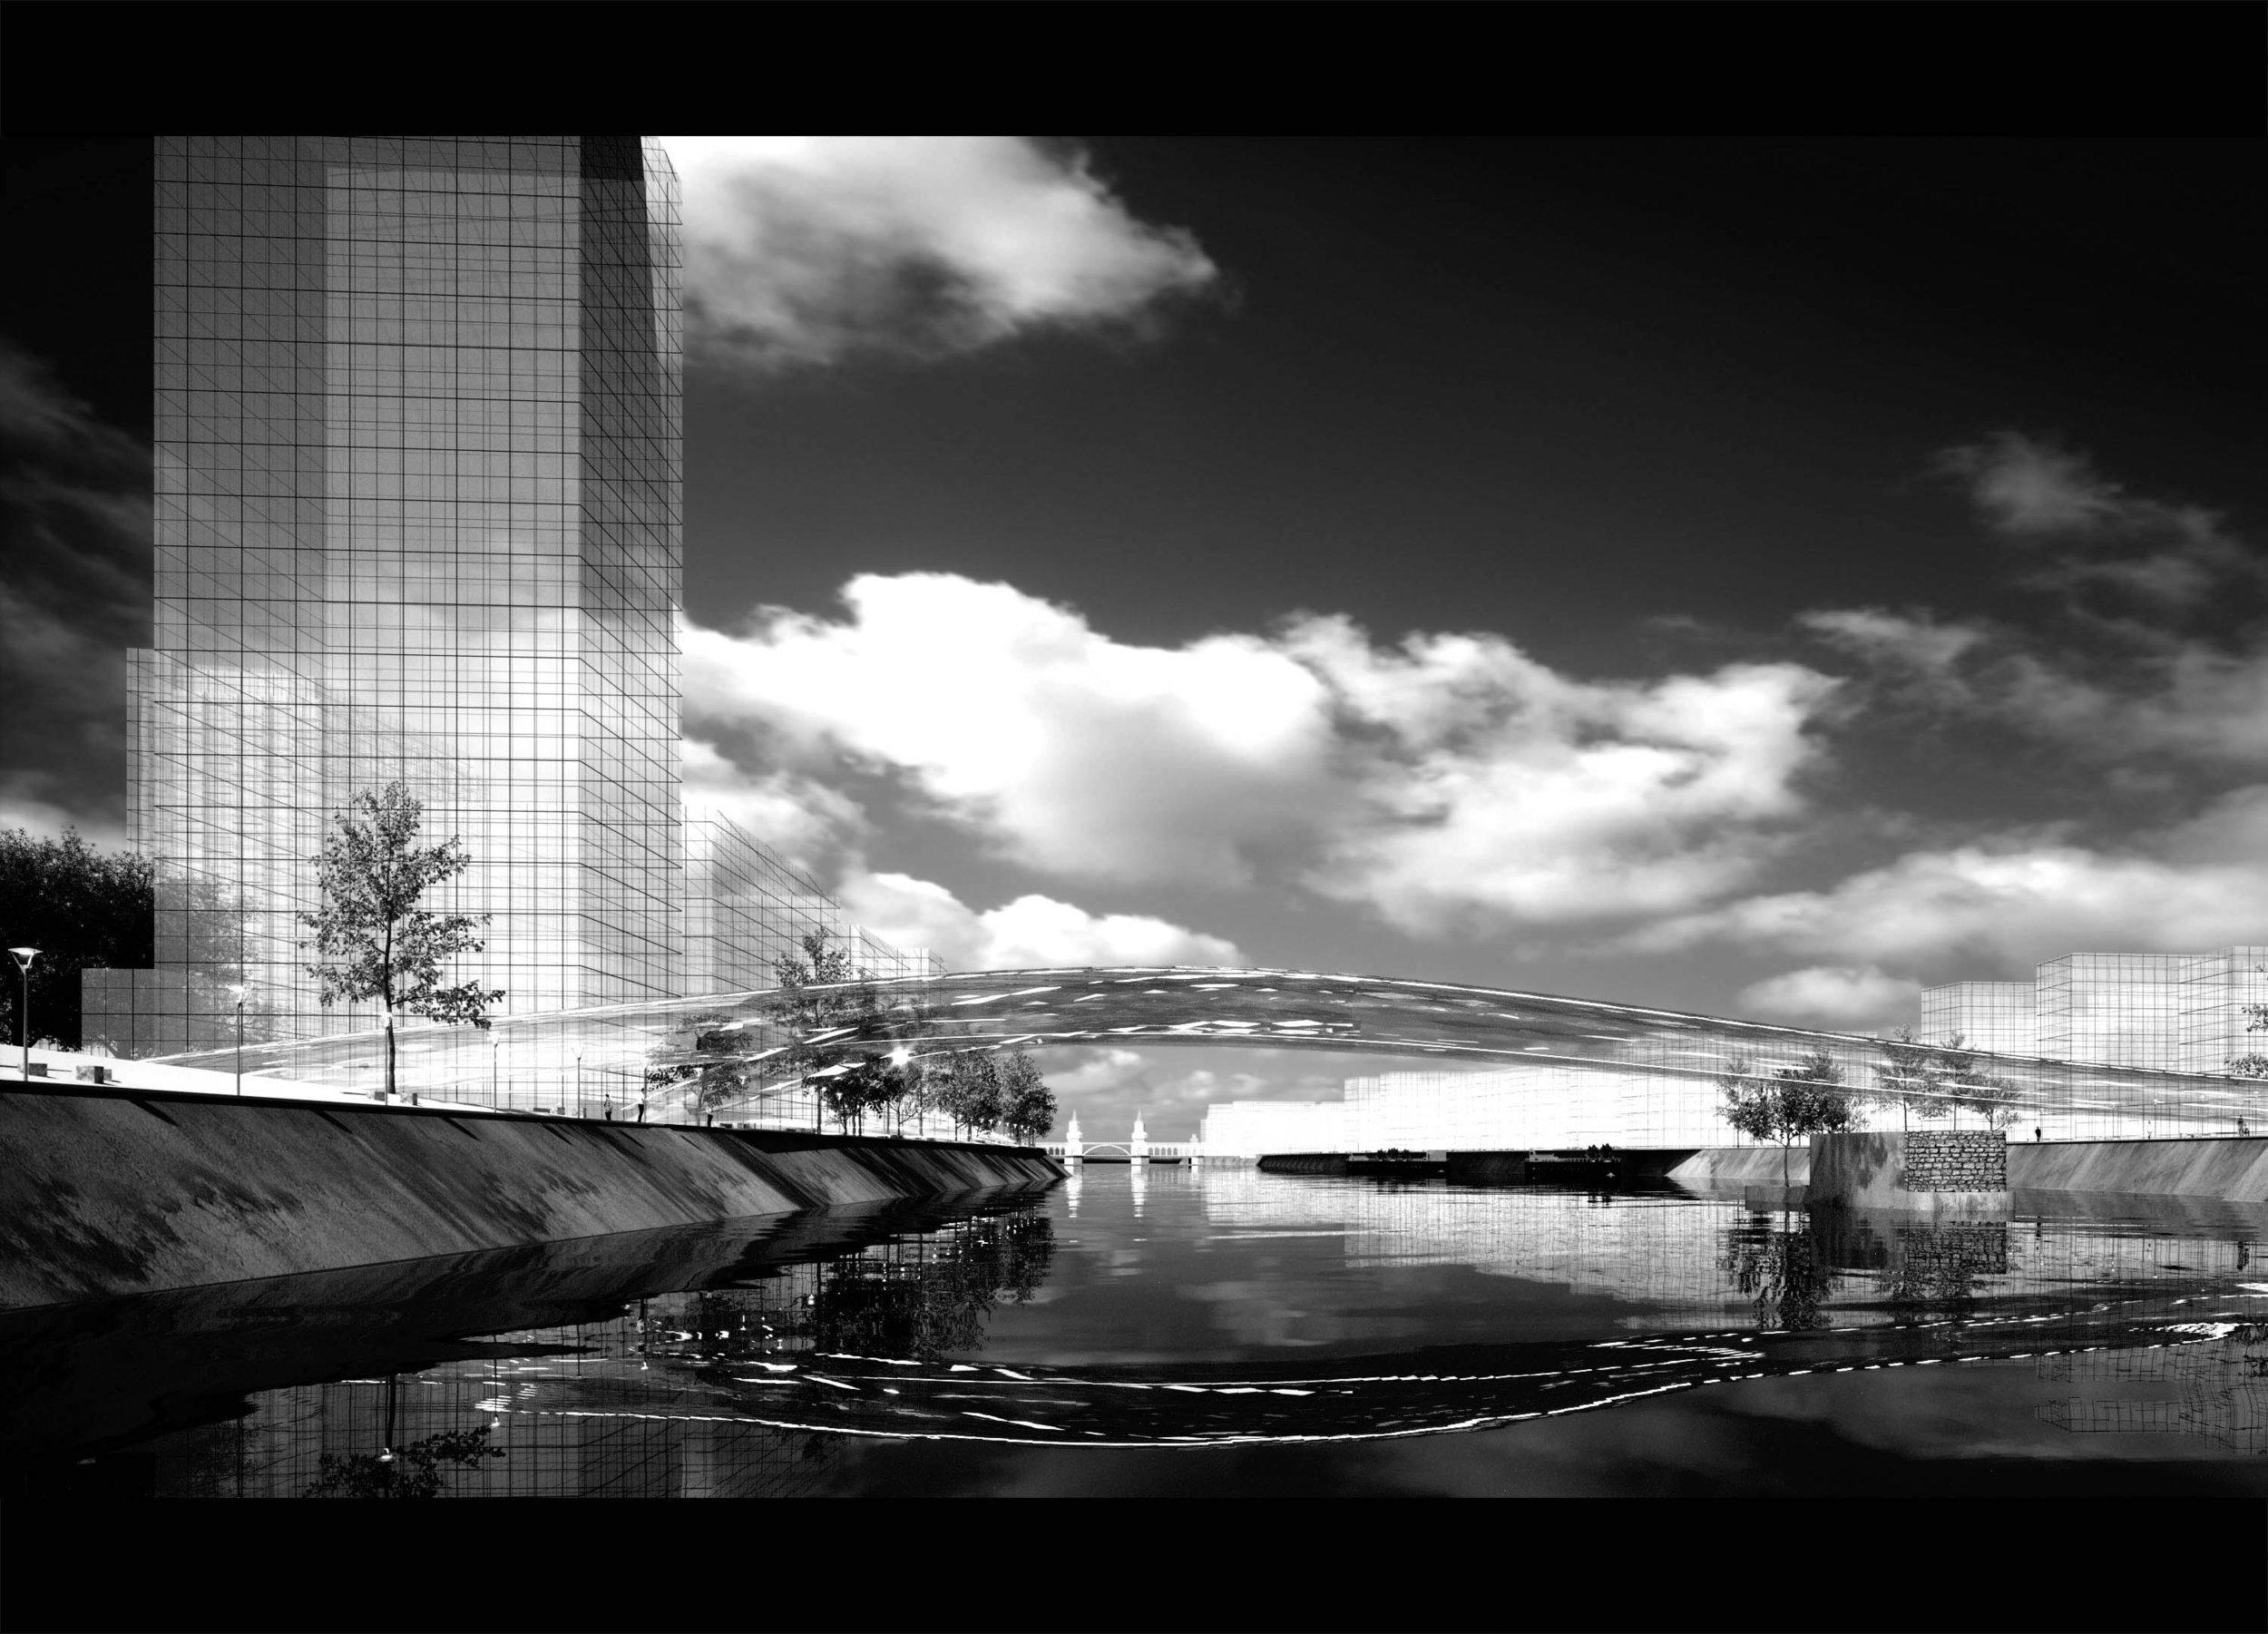 The flowing bridge - 2017 - Digital drawing/ rendering - A0